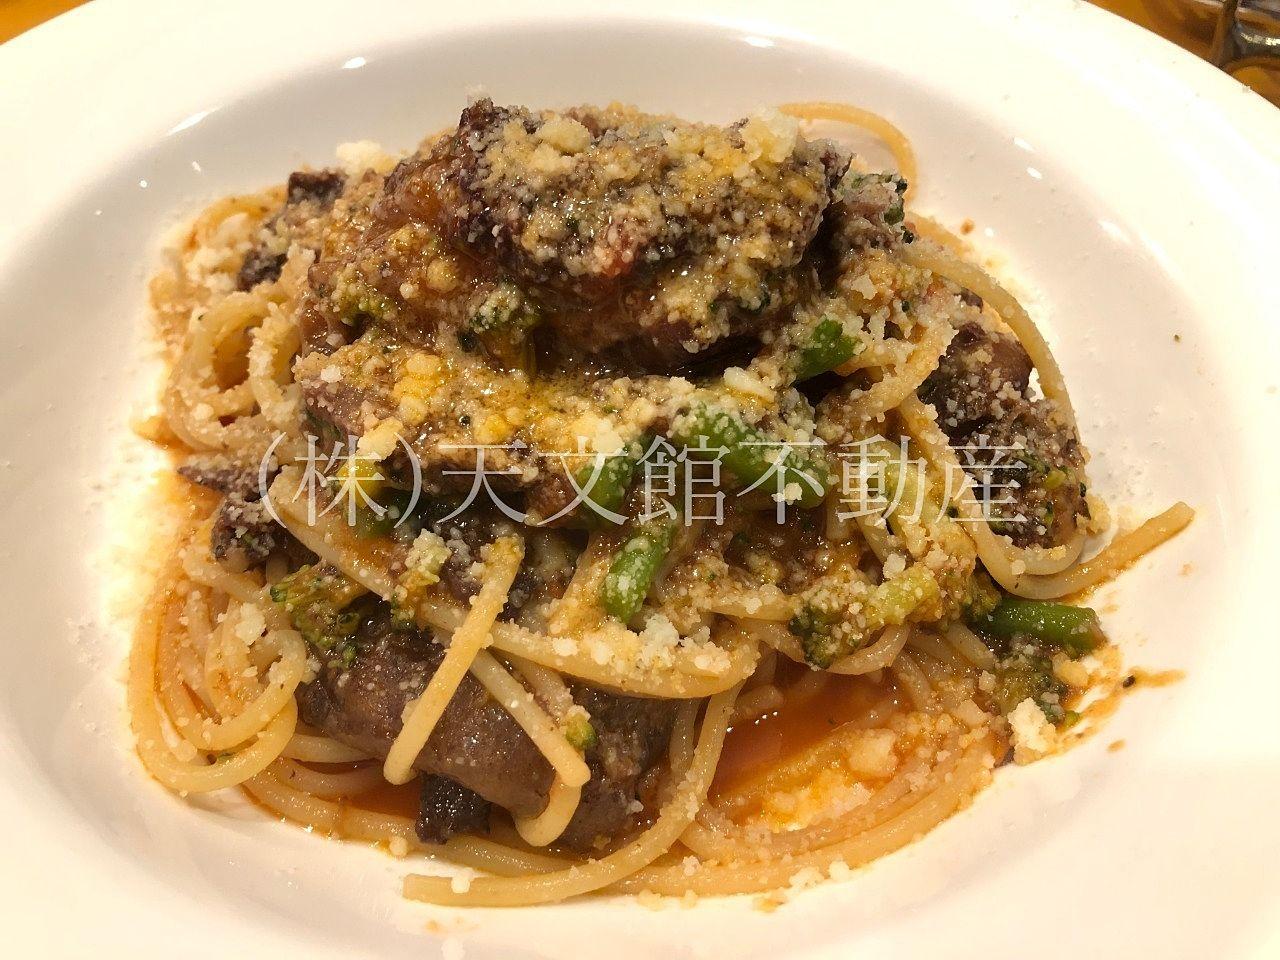 イタリアン料理ピッコロ モンド 牛肉のワイン煮のスパゲティ